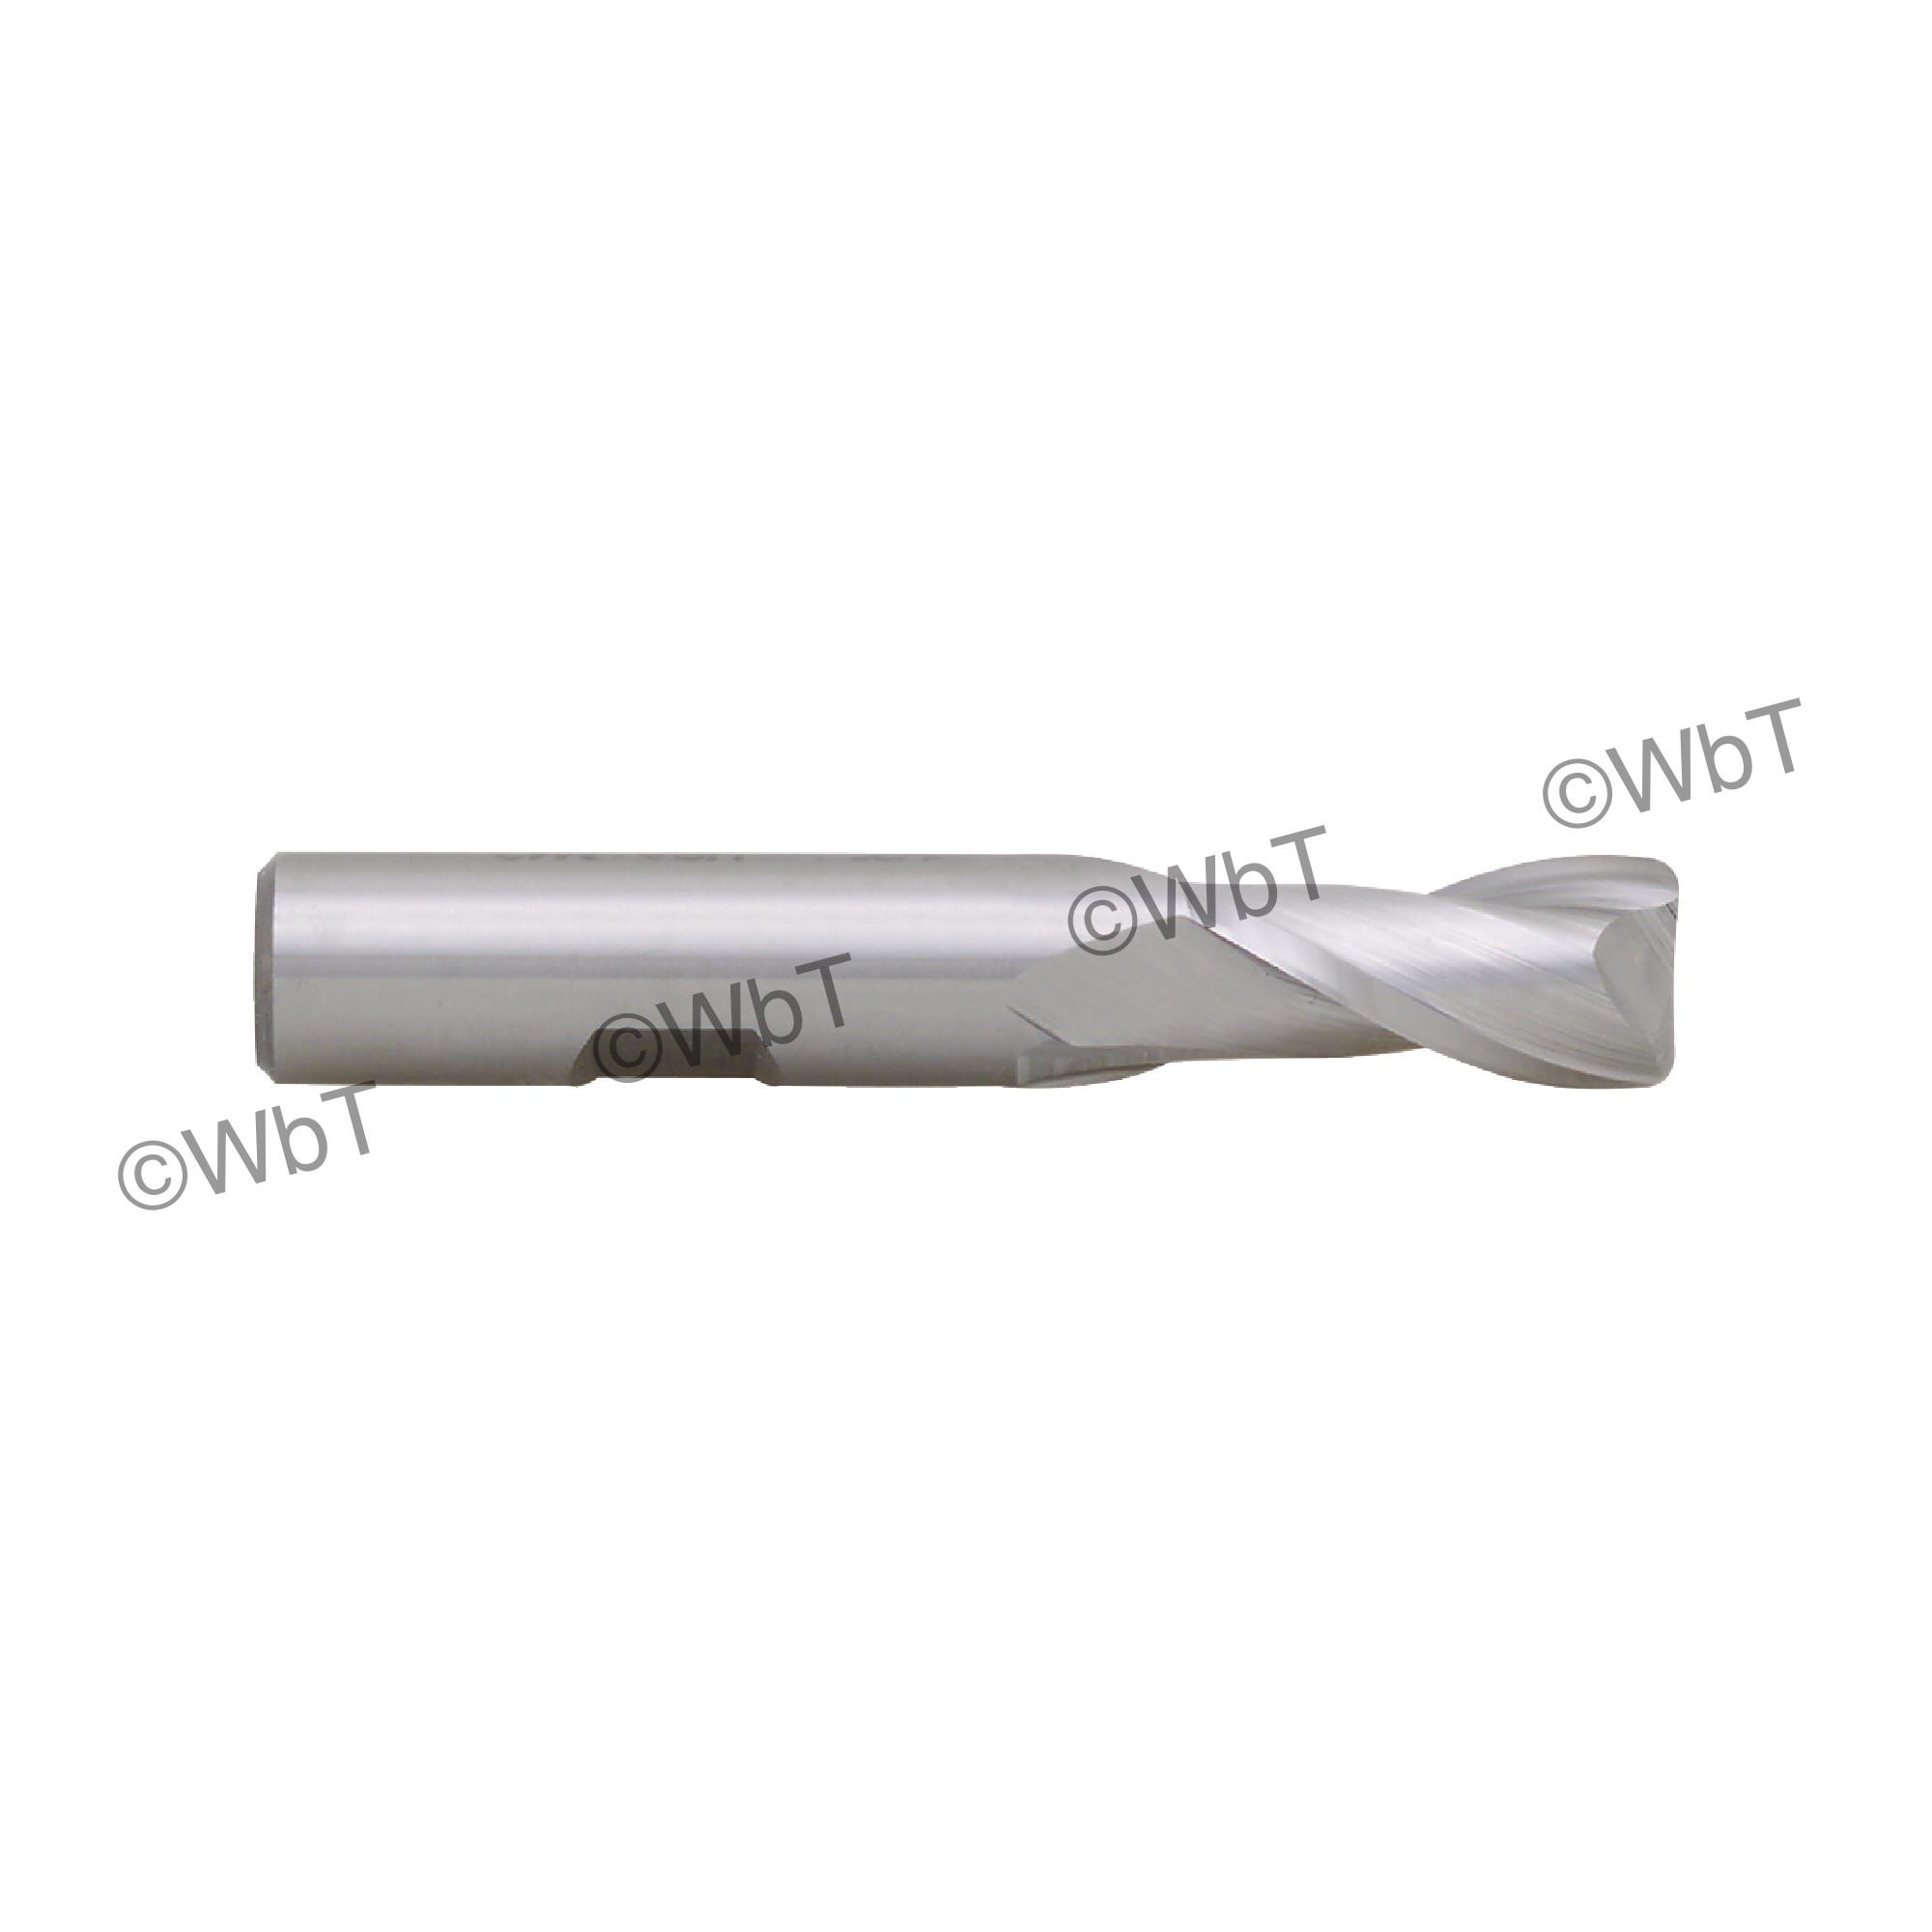 2 Flute M42 8% Cobalt Corner Radius End Mill